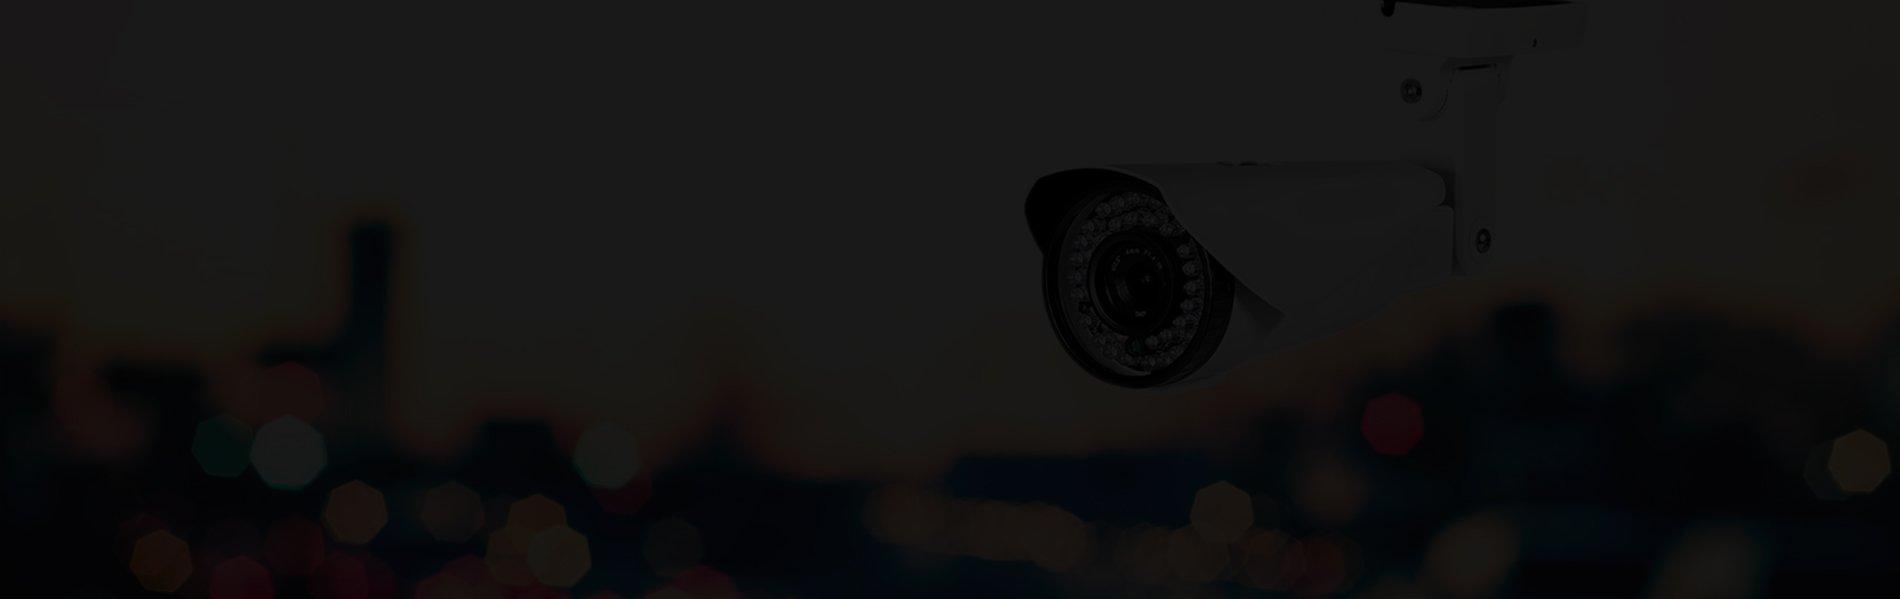 CCTV-slide